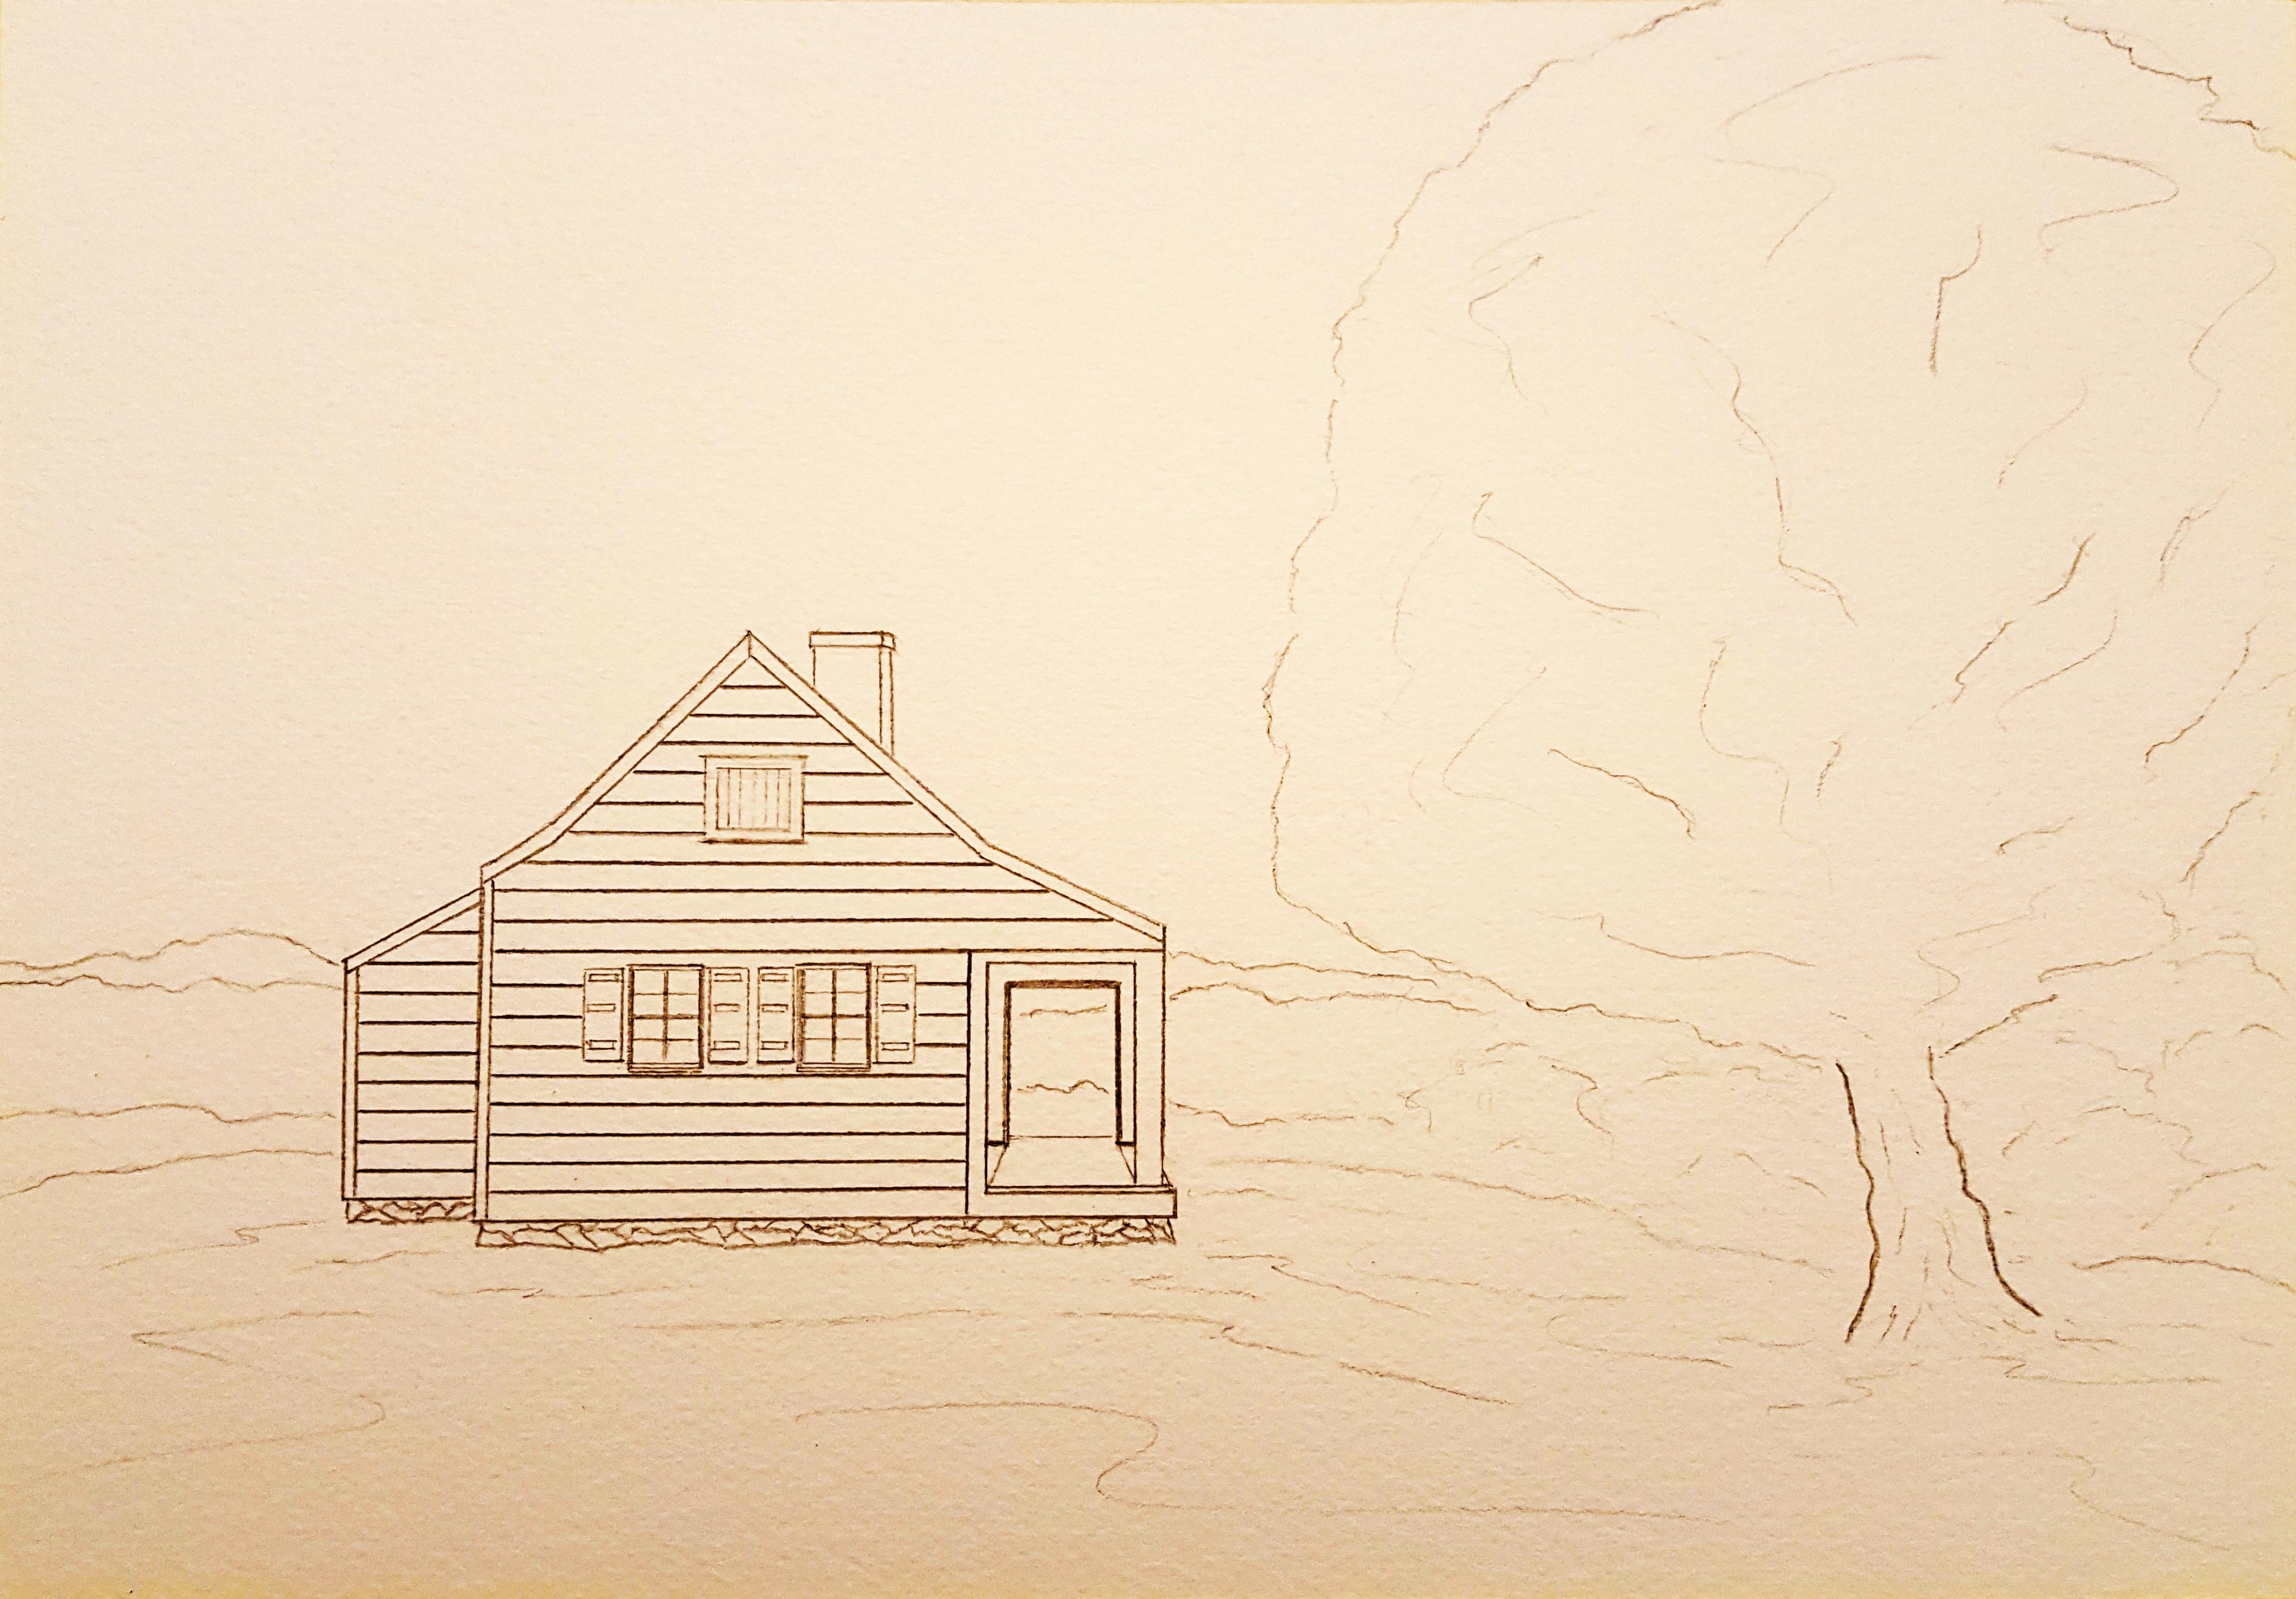 New Sketch Saratoga Farmhouse Lore